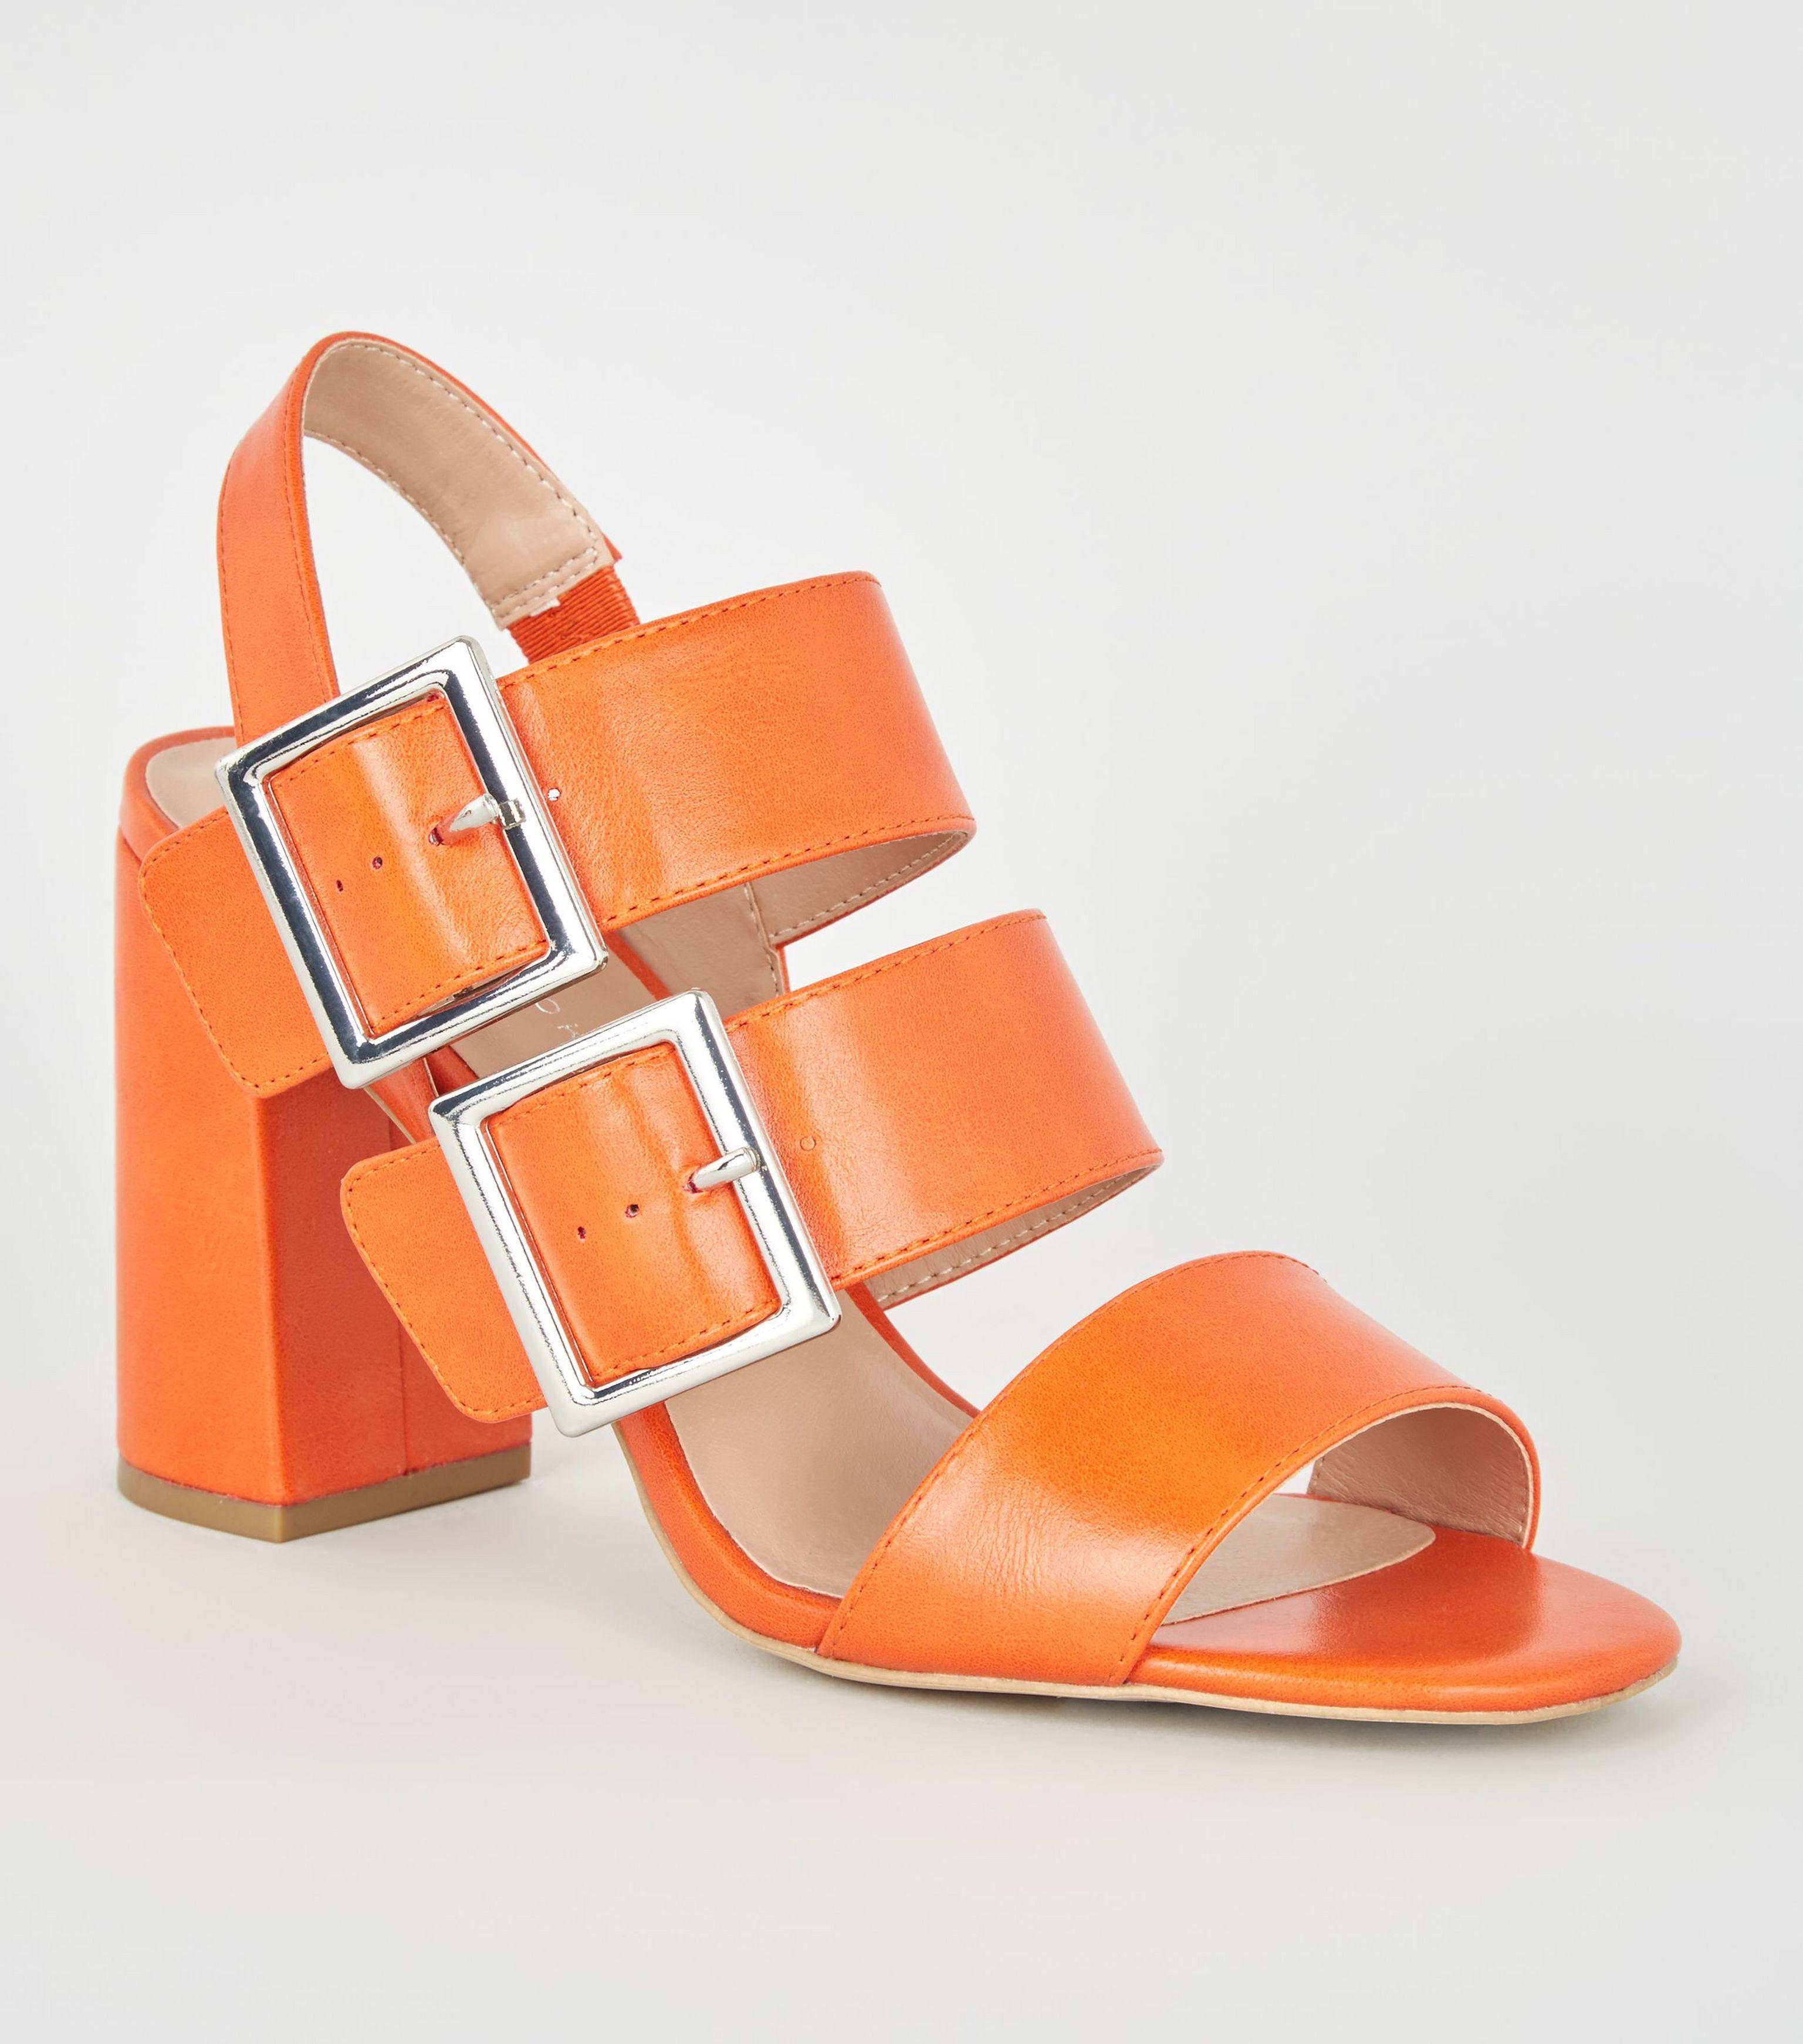 0a3d3621e41 Women's Orange Double Buckle Block Heels